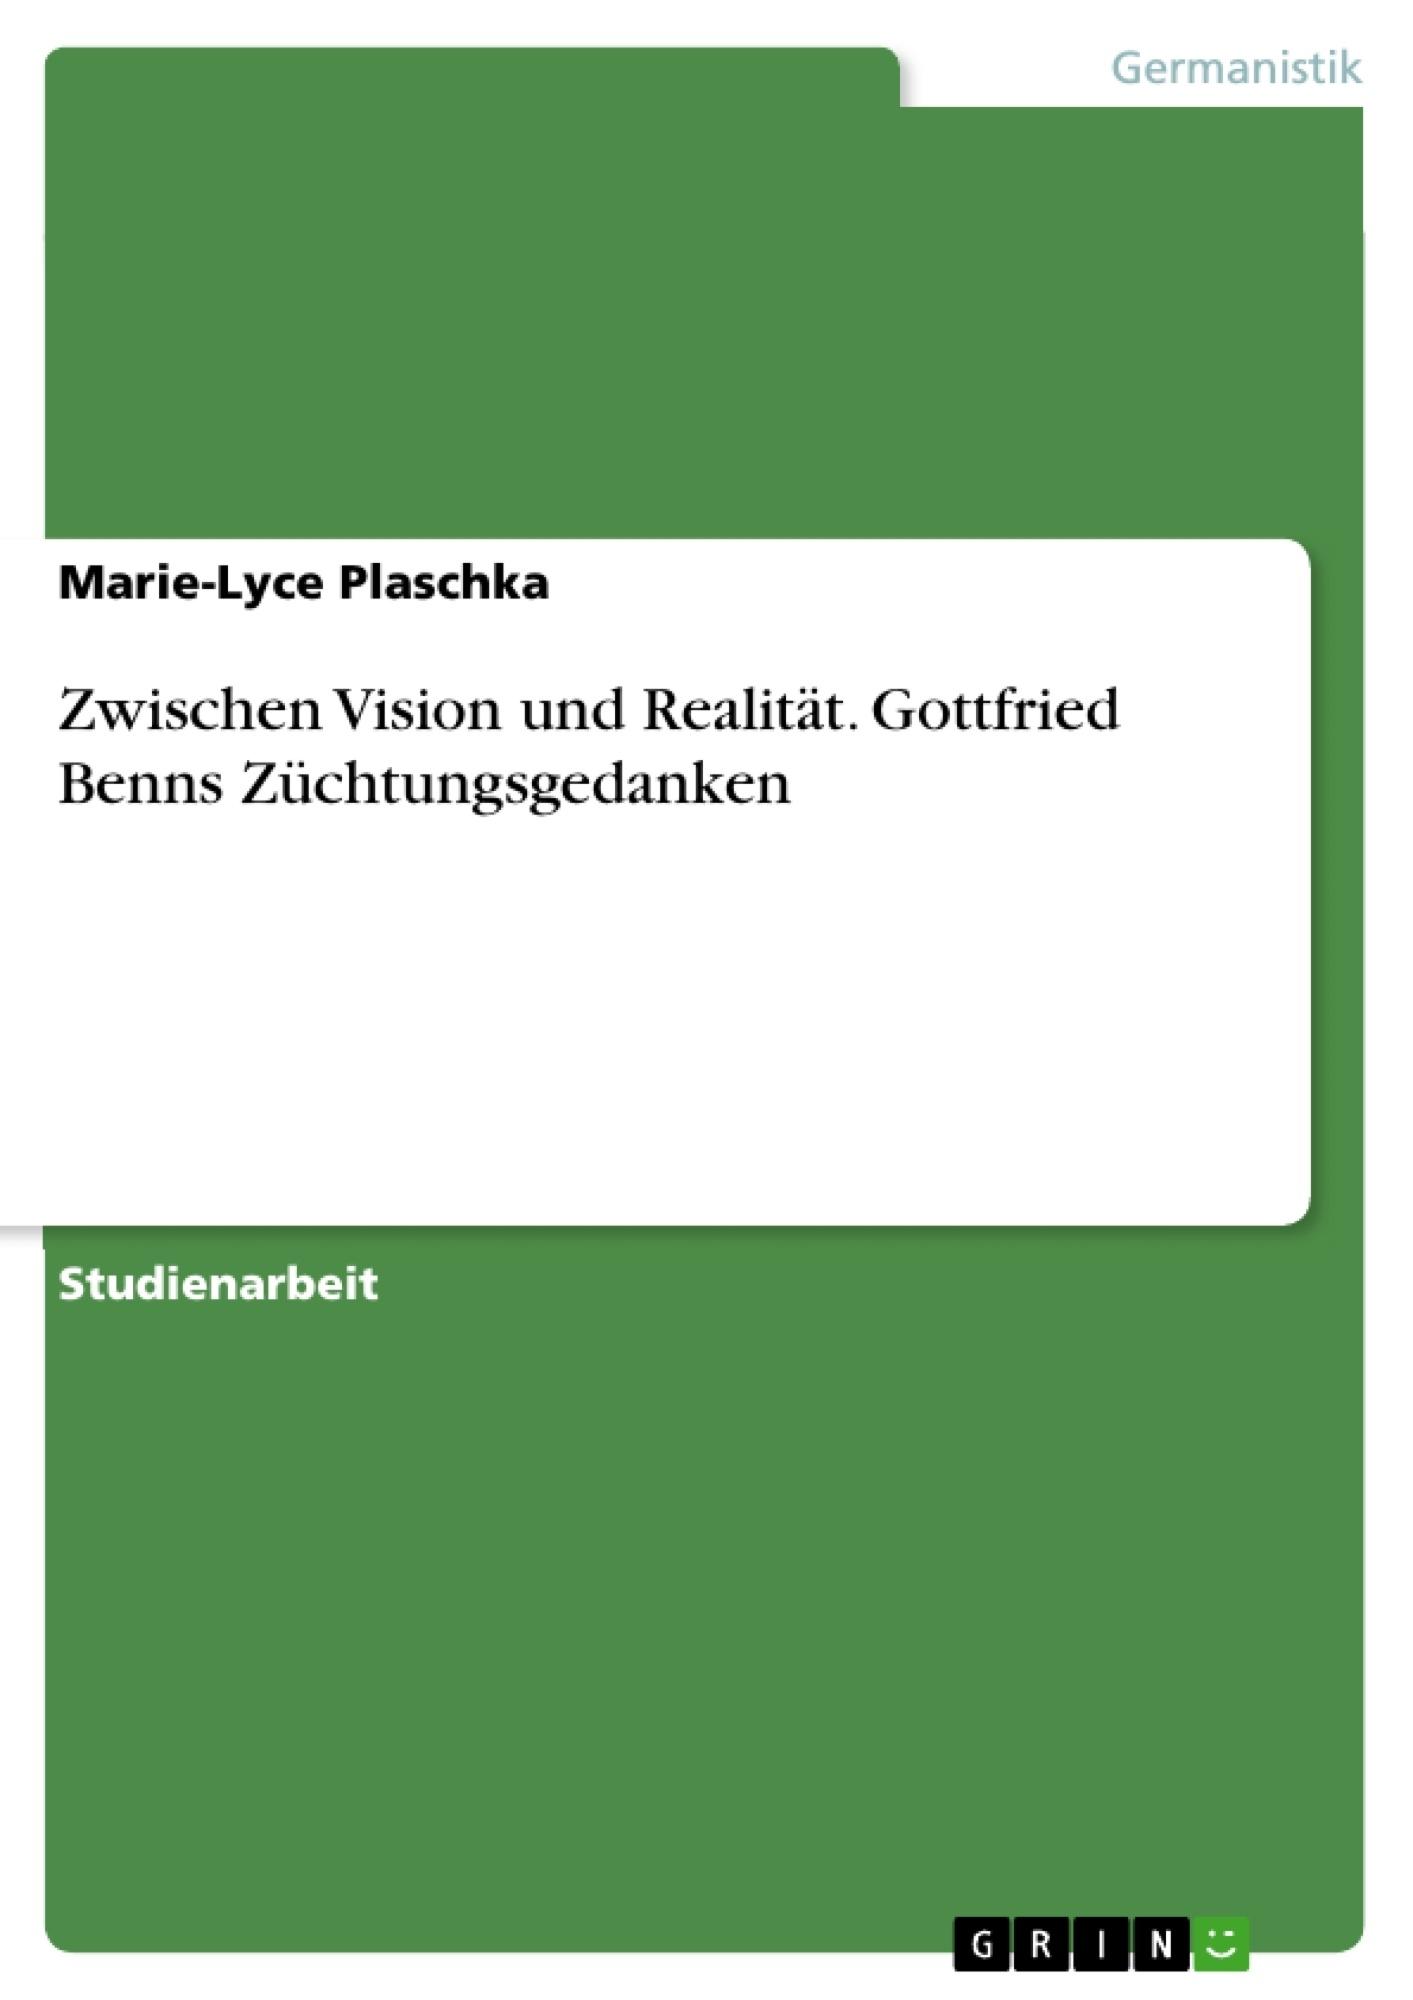 Titel: Zwischen Vision und Realität. Gottfried Benns Züchtungsgedanken